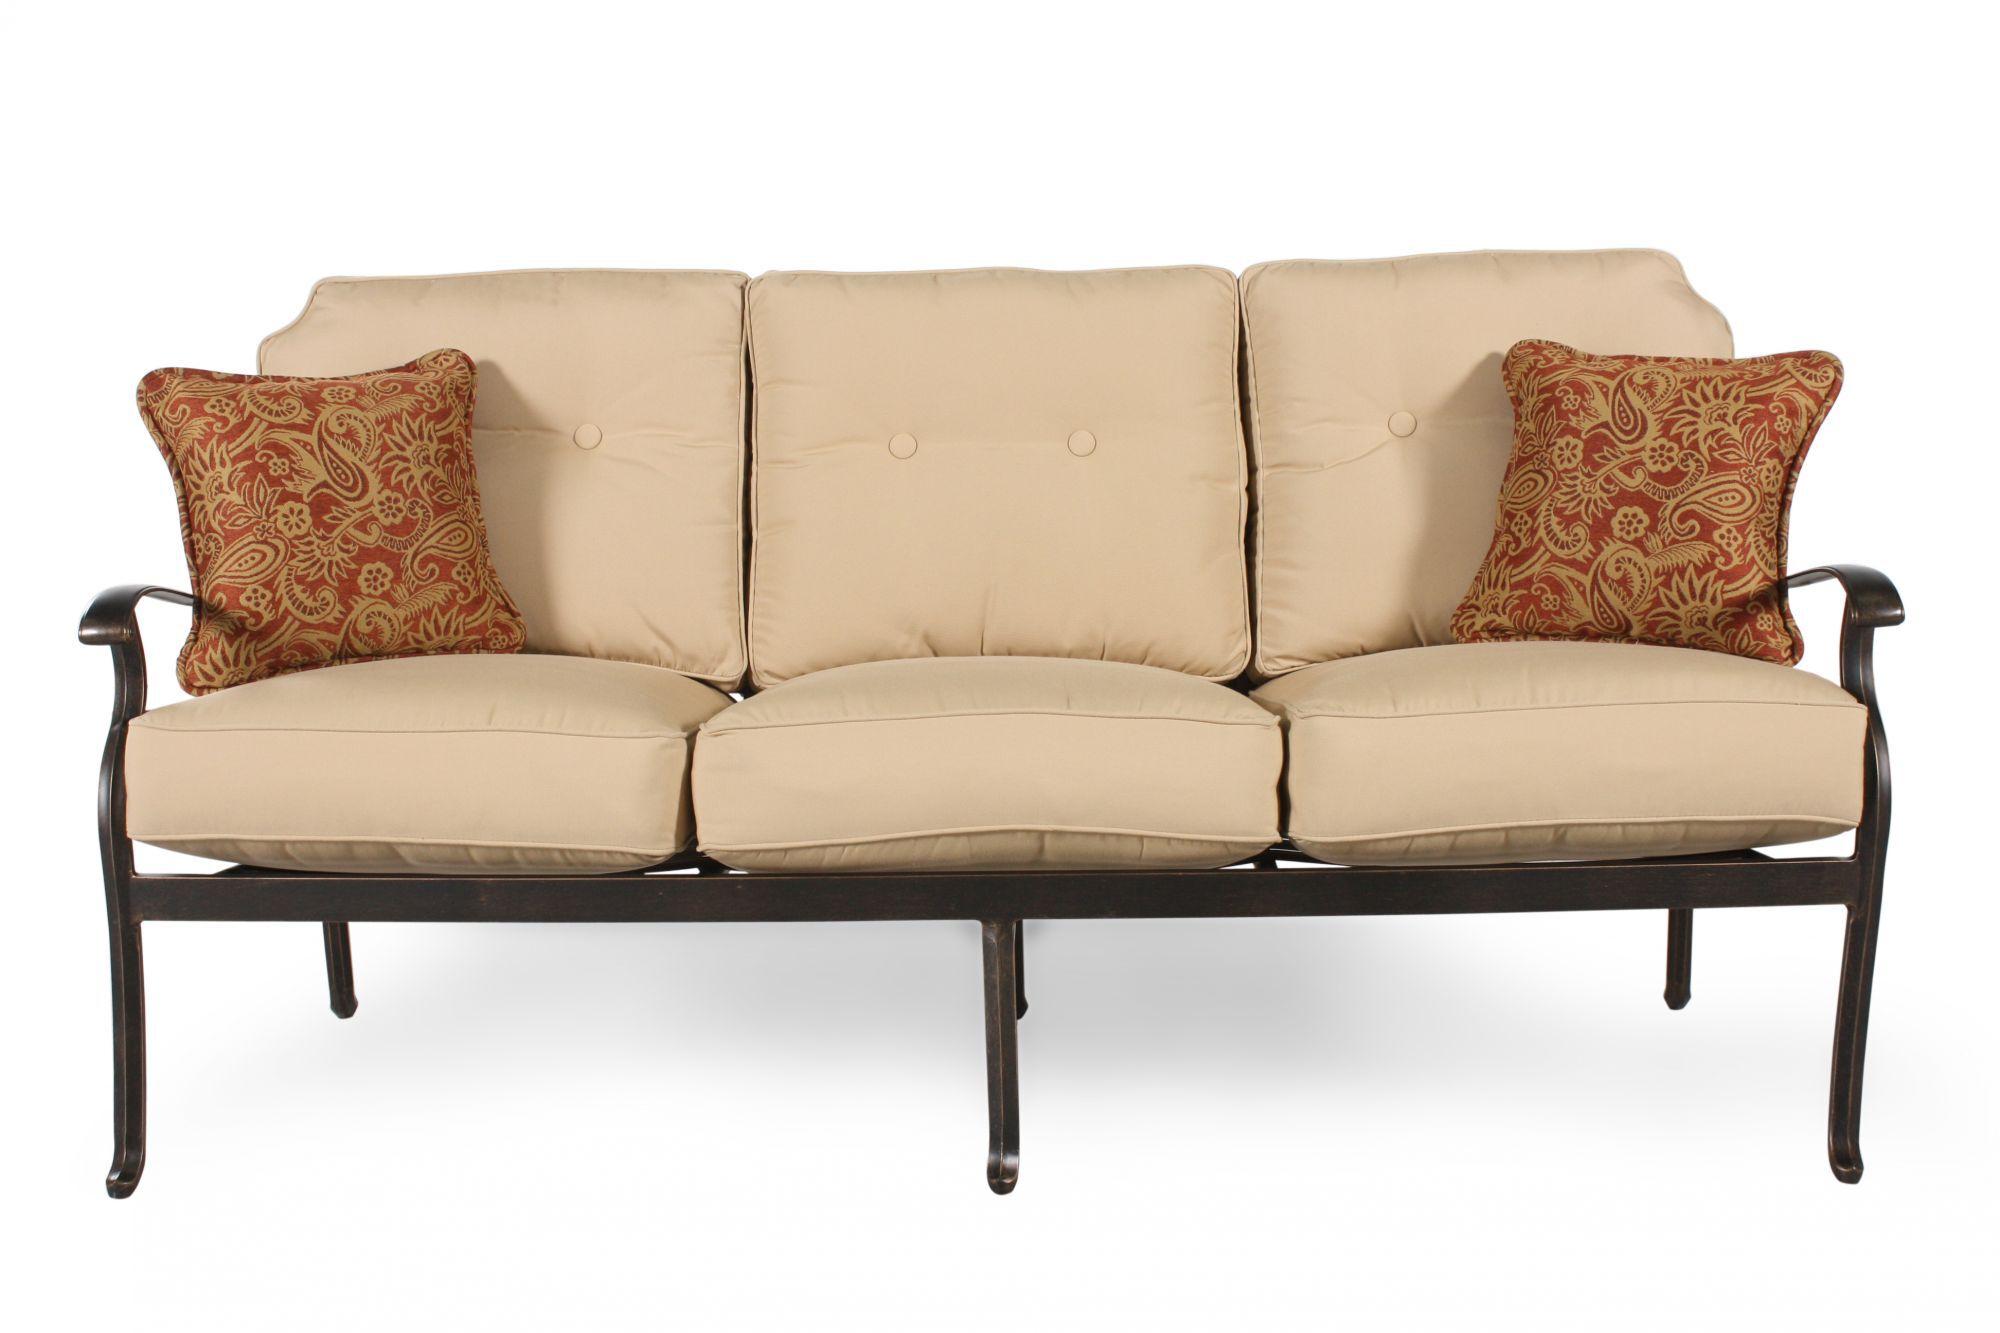 agio heritage select patio sofa